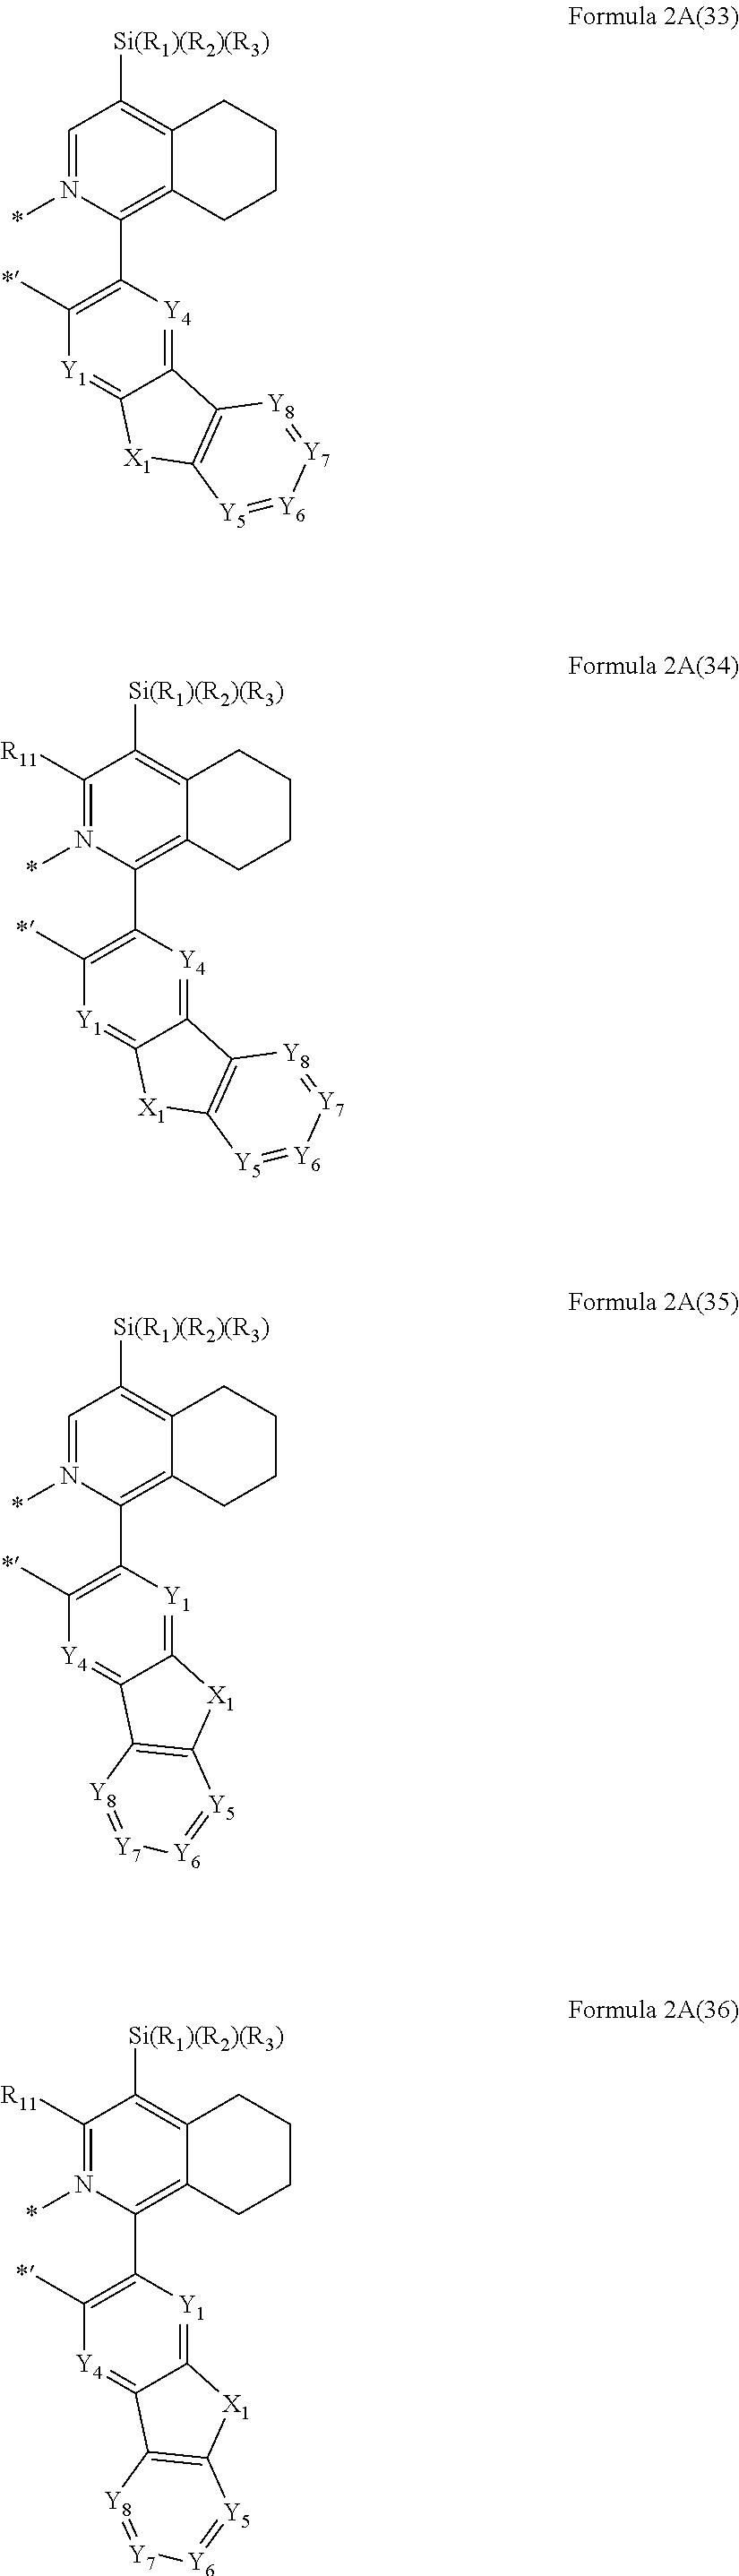 Figure US20160155962A1-20160602-C00021